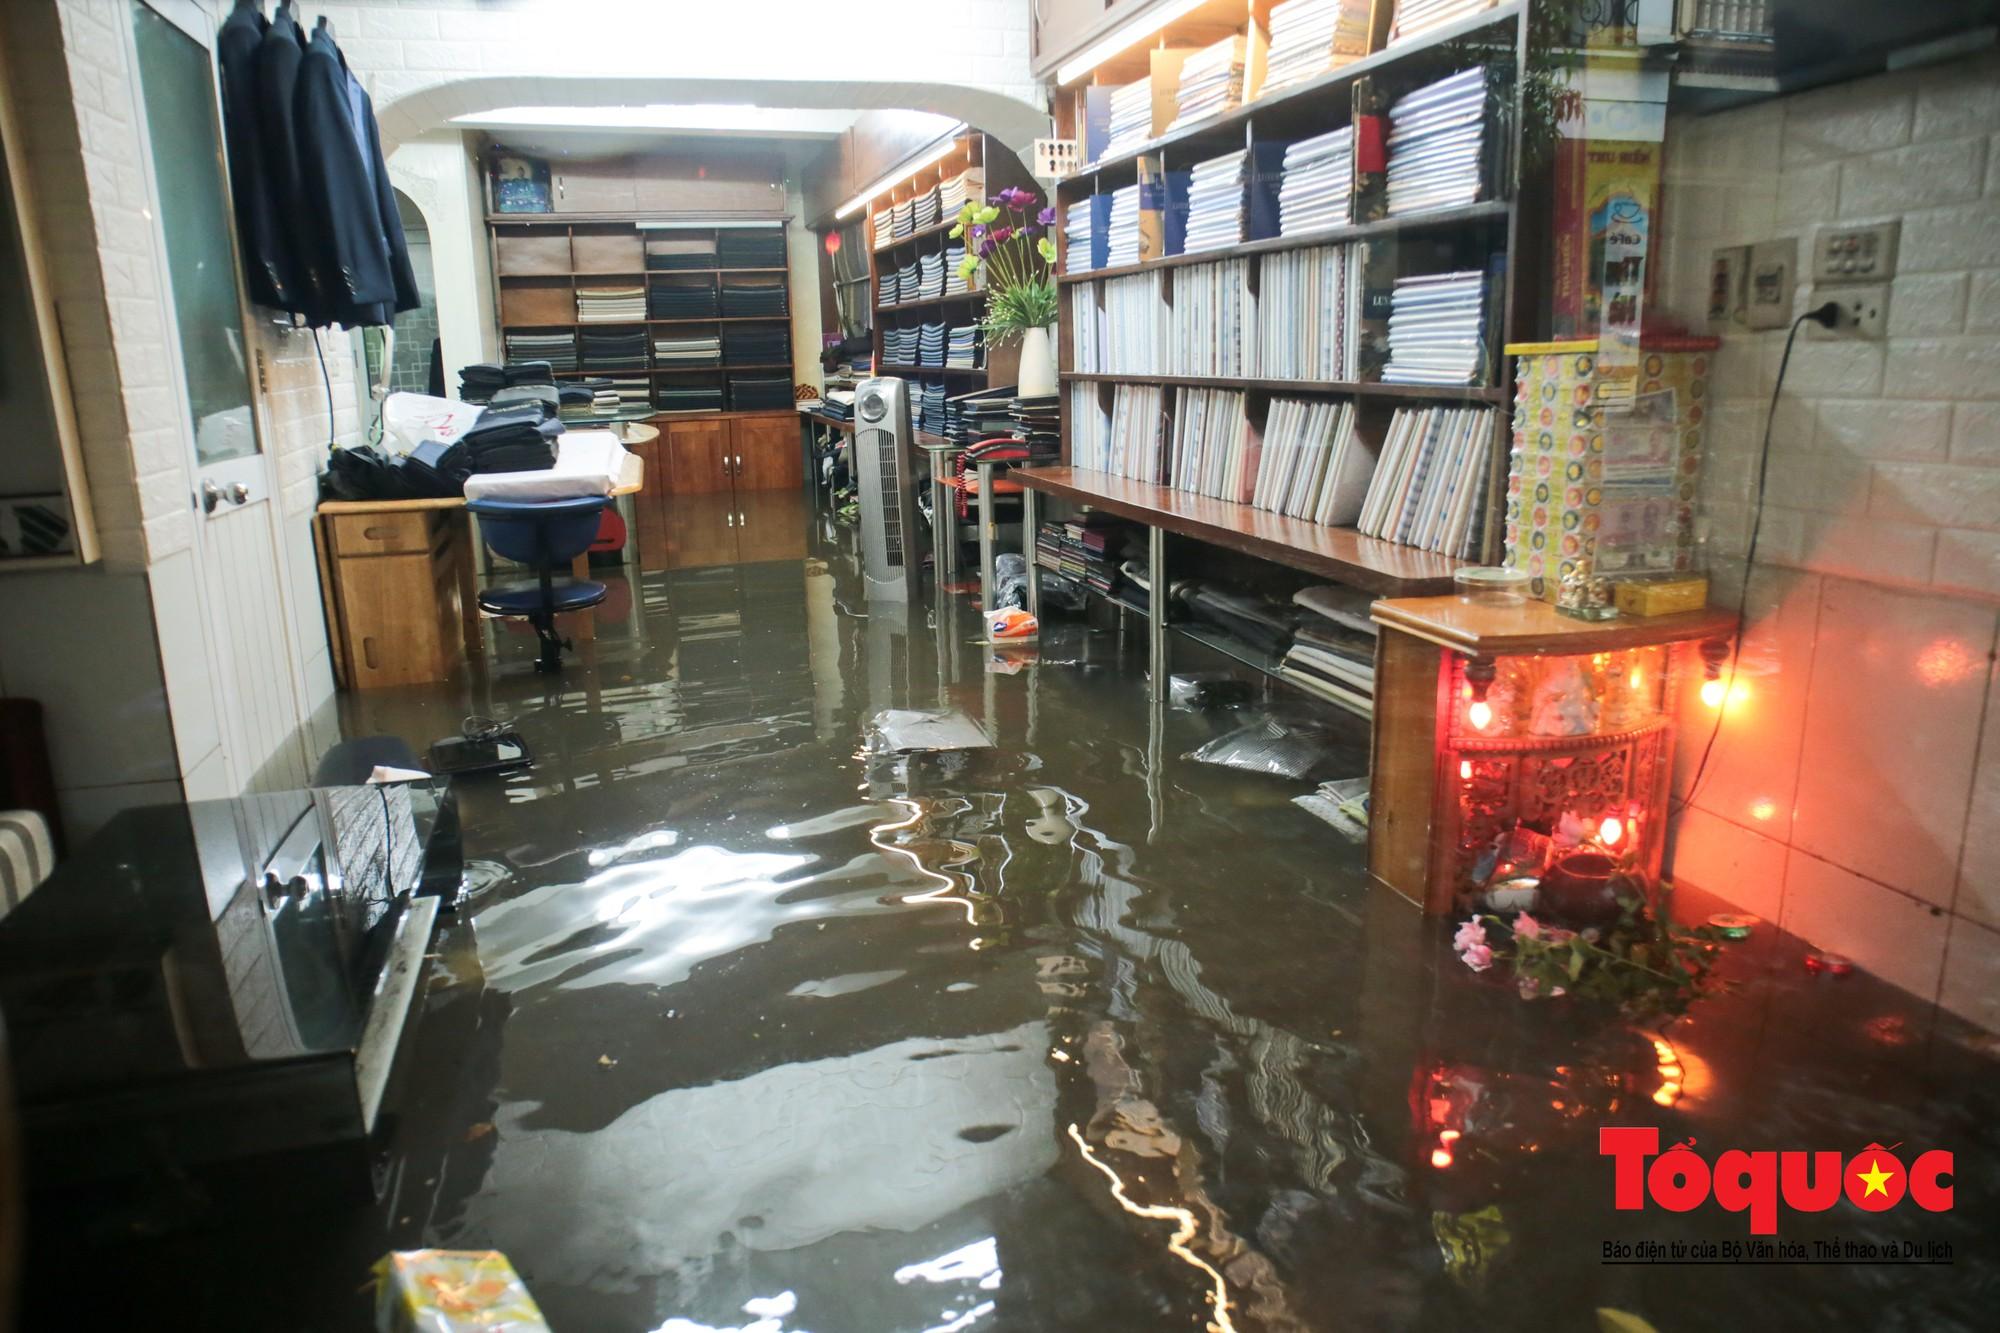 Hà Nội mưa lớn bất ngờ, nhiều tuyến đường lại ngập trong sâu biển nước33